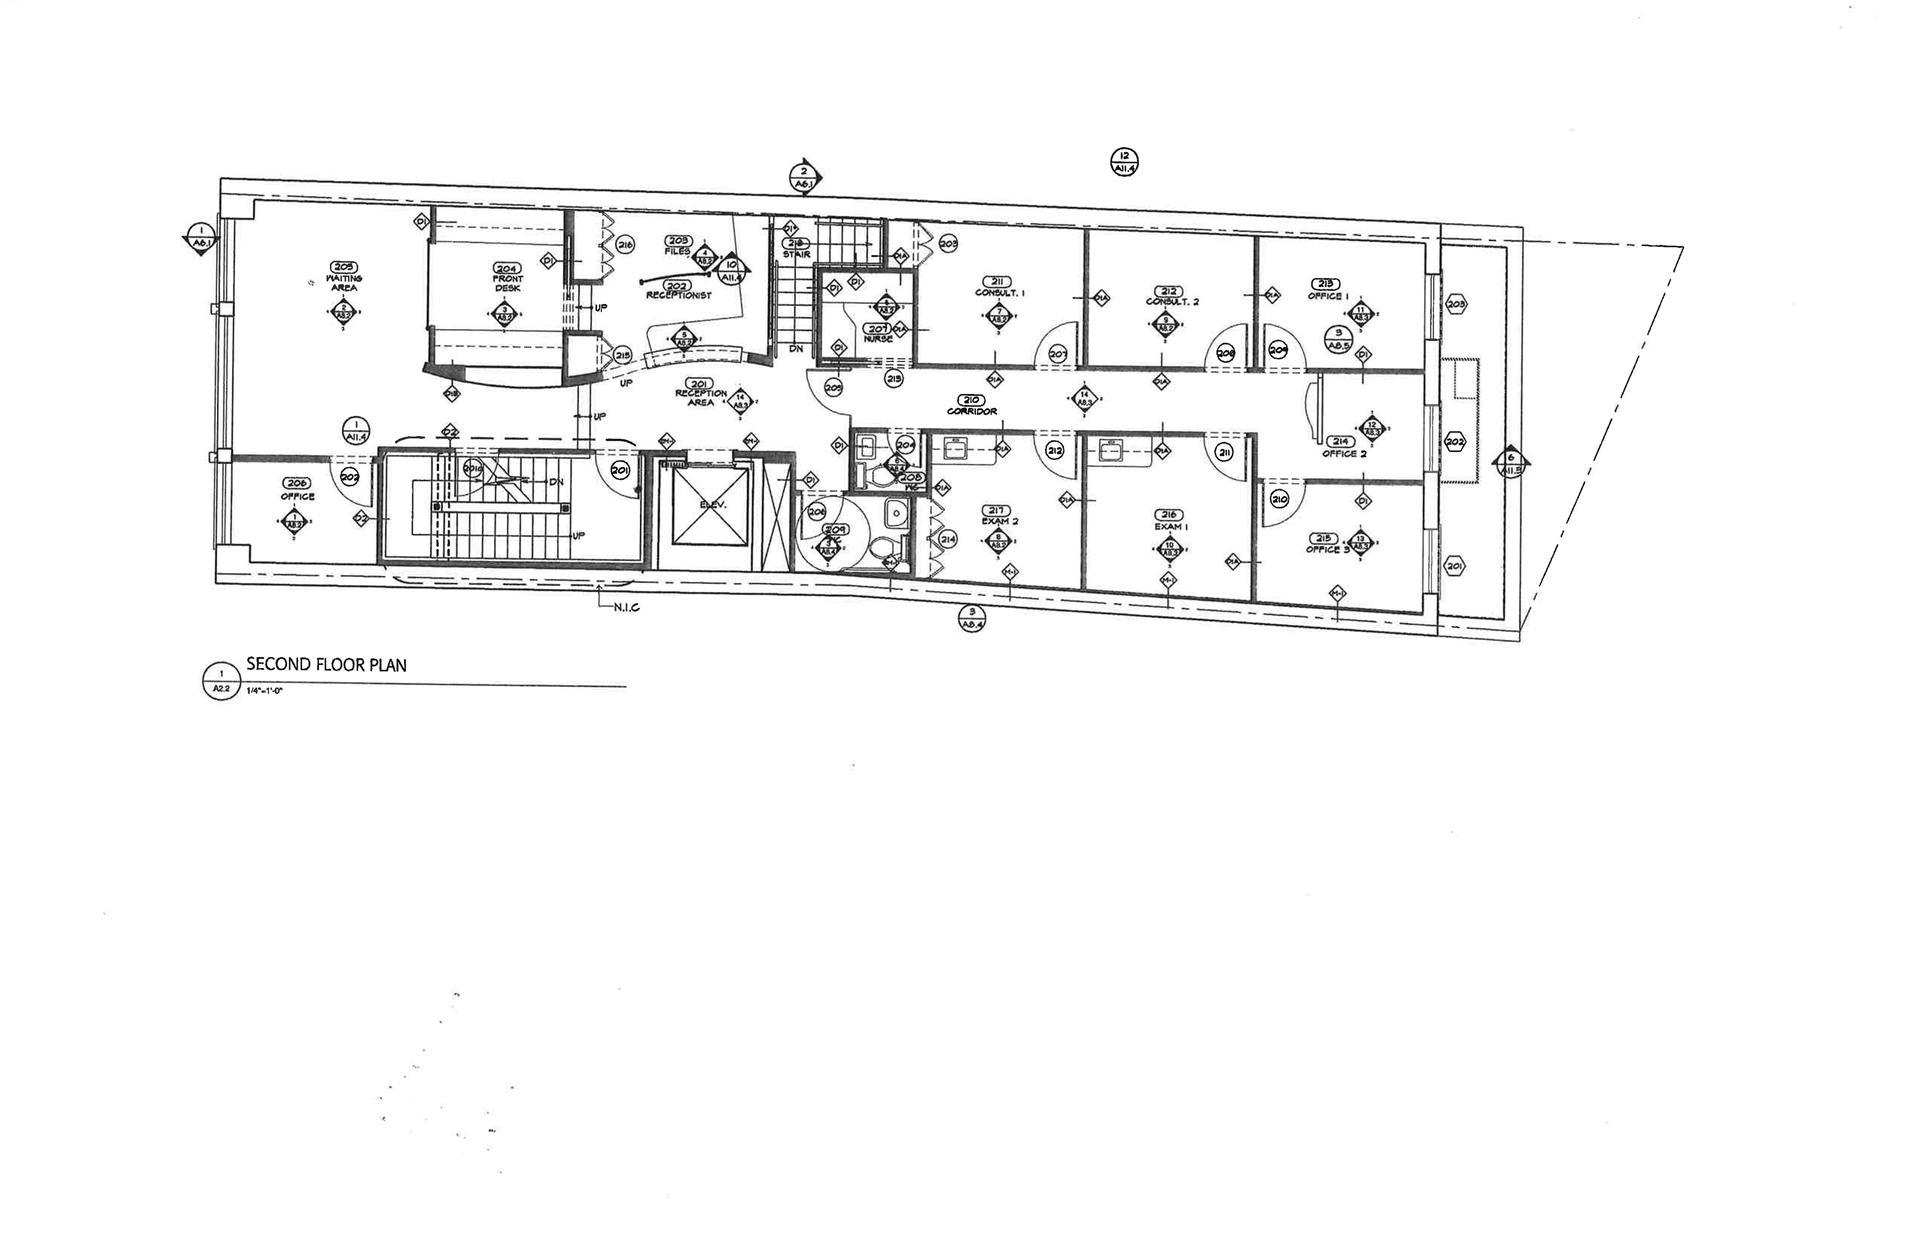 Floor plan of 44 Hudson St - TriBeCa, New York